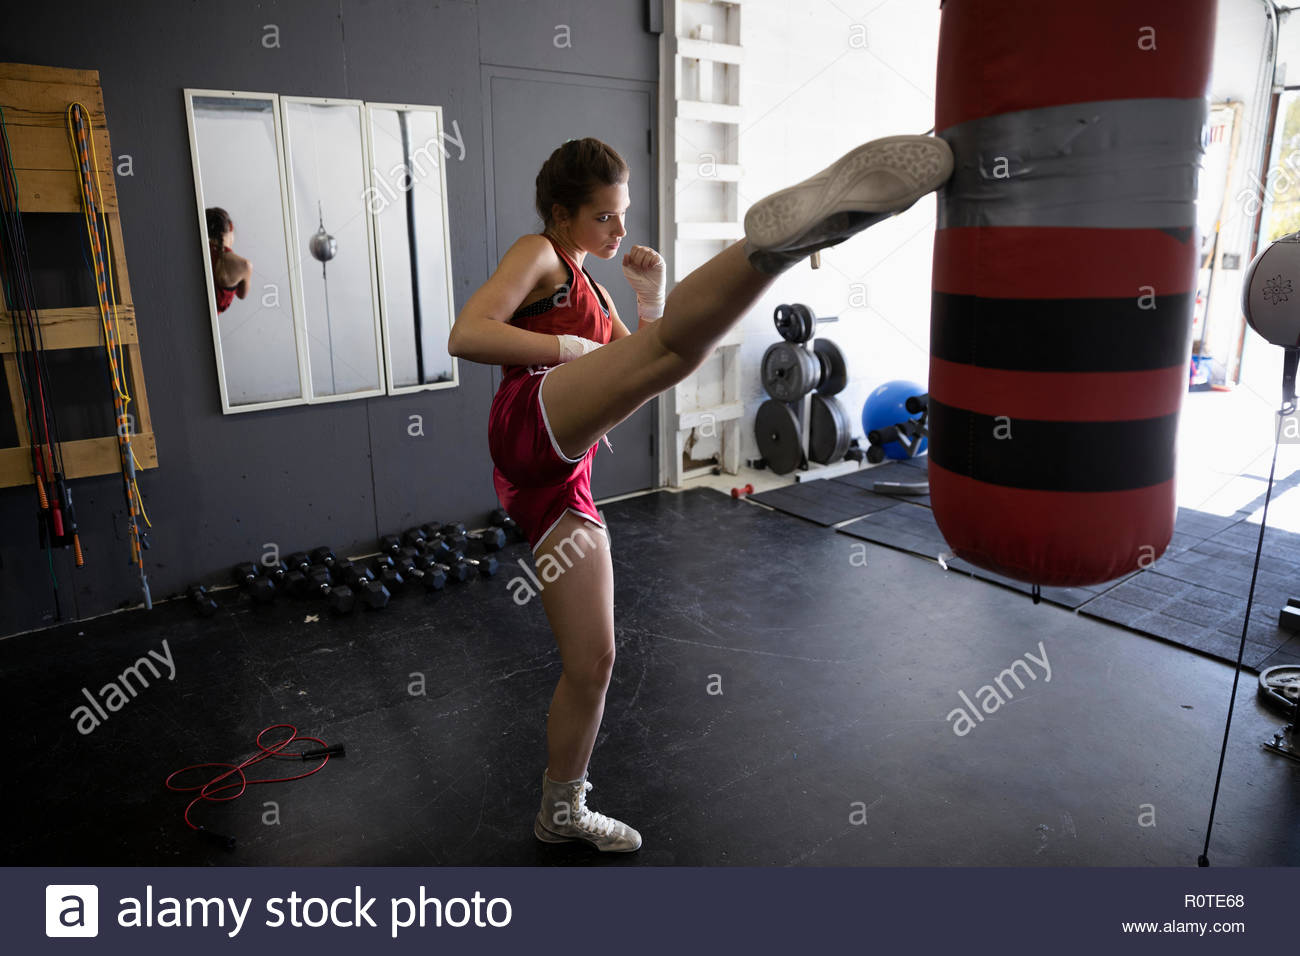 Hembra kickboxer pateando saco de boxeo en el gimnasio Imagen De Stock